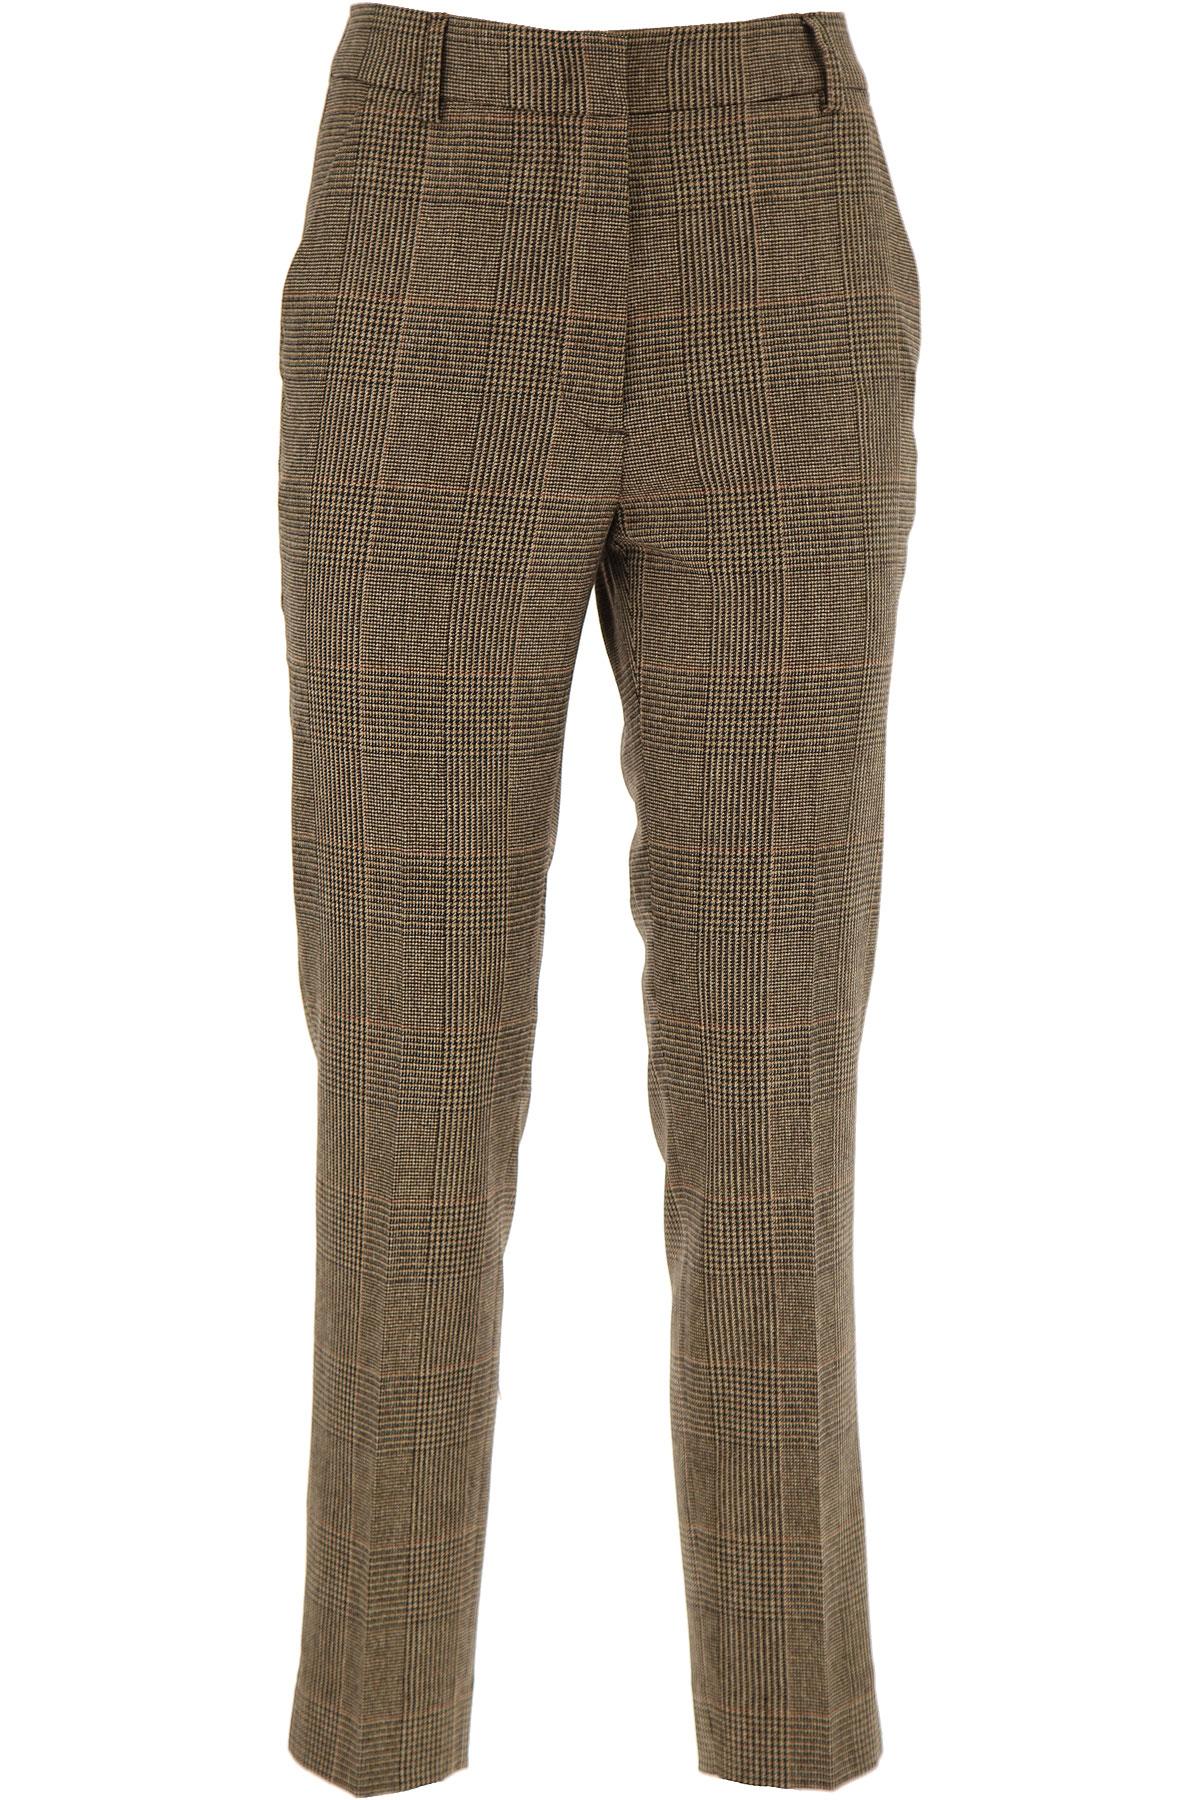 Image of Seventy Pants for Women On Sale, Mud, Virgin wool, 2017, 10 12